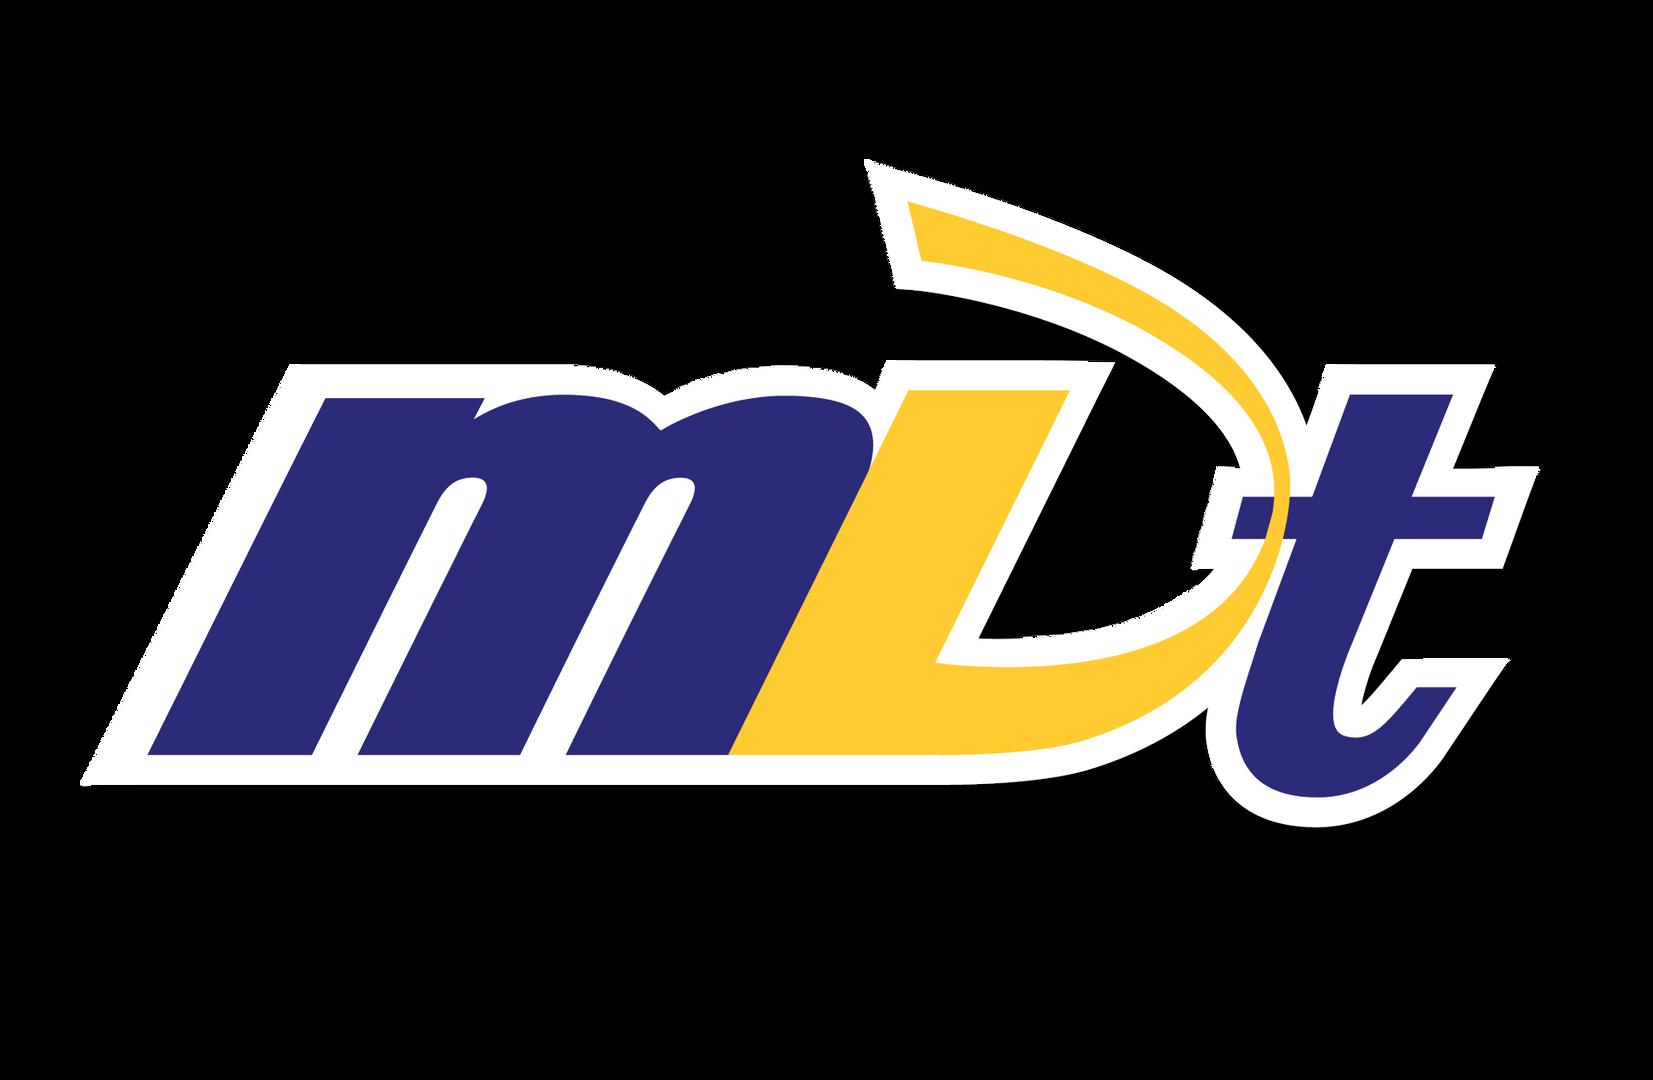 MDT-LOGO-Edited-2-03.png